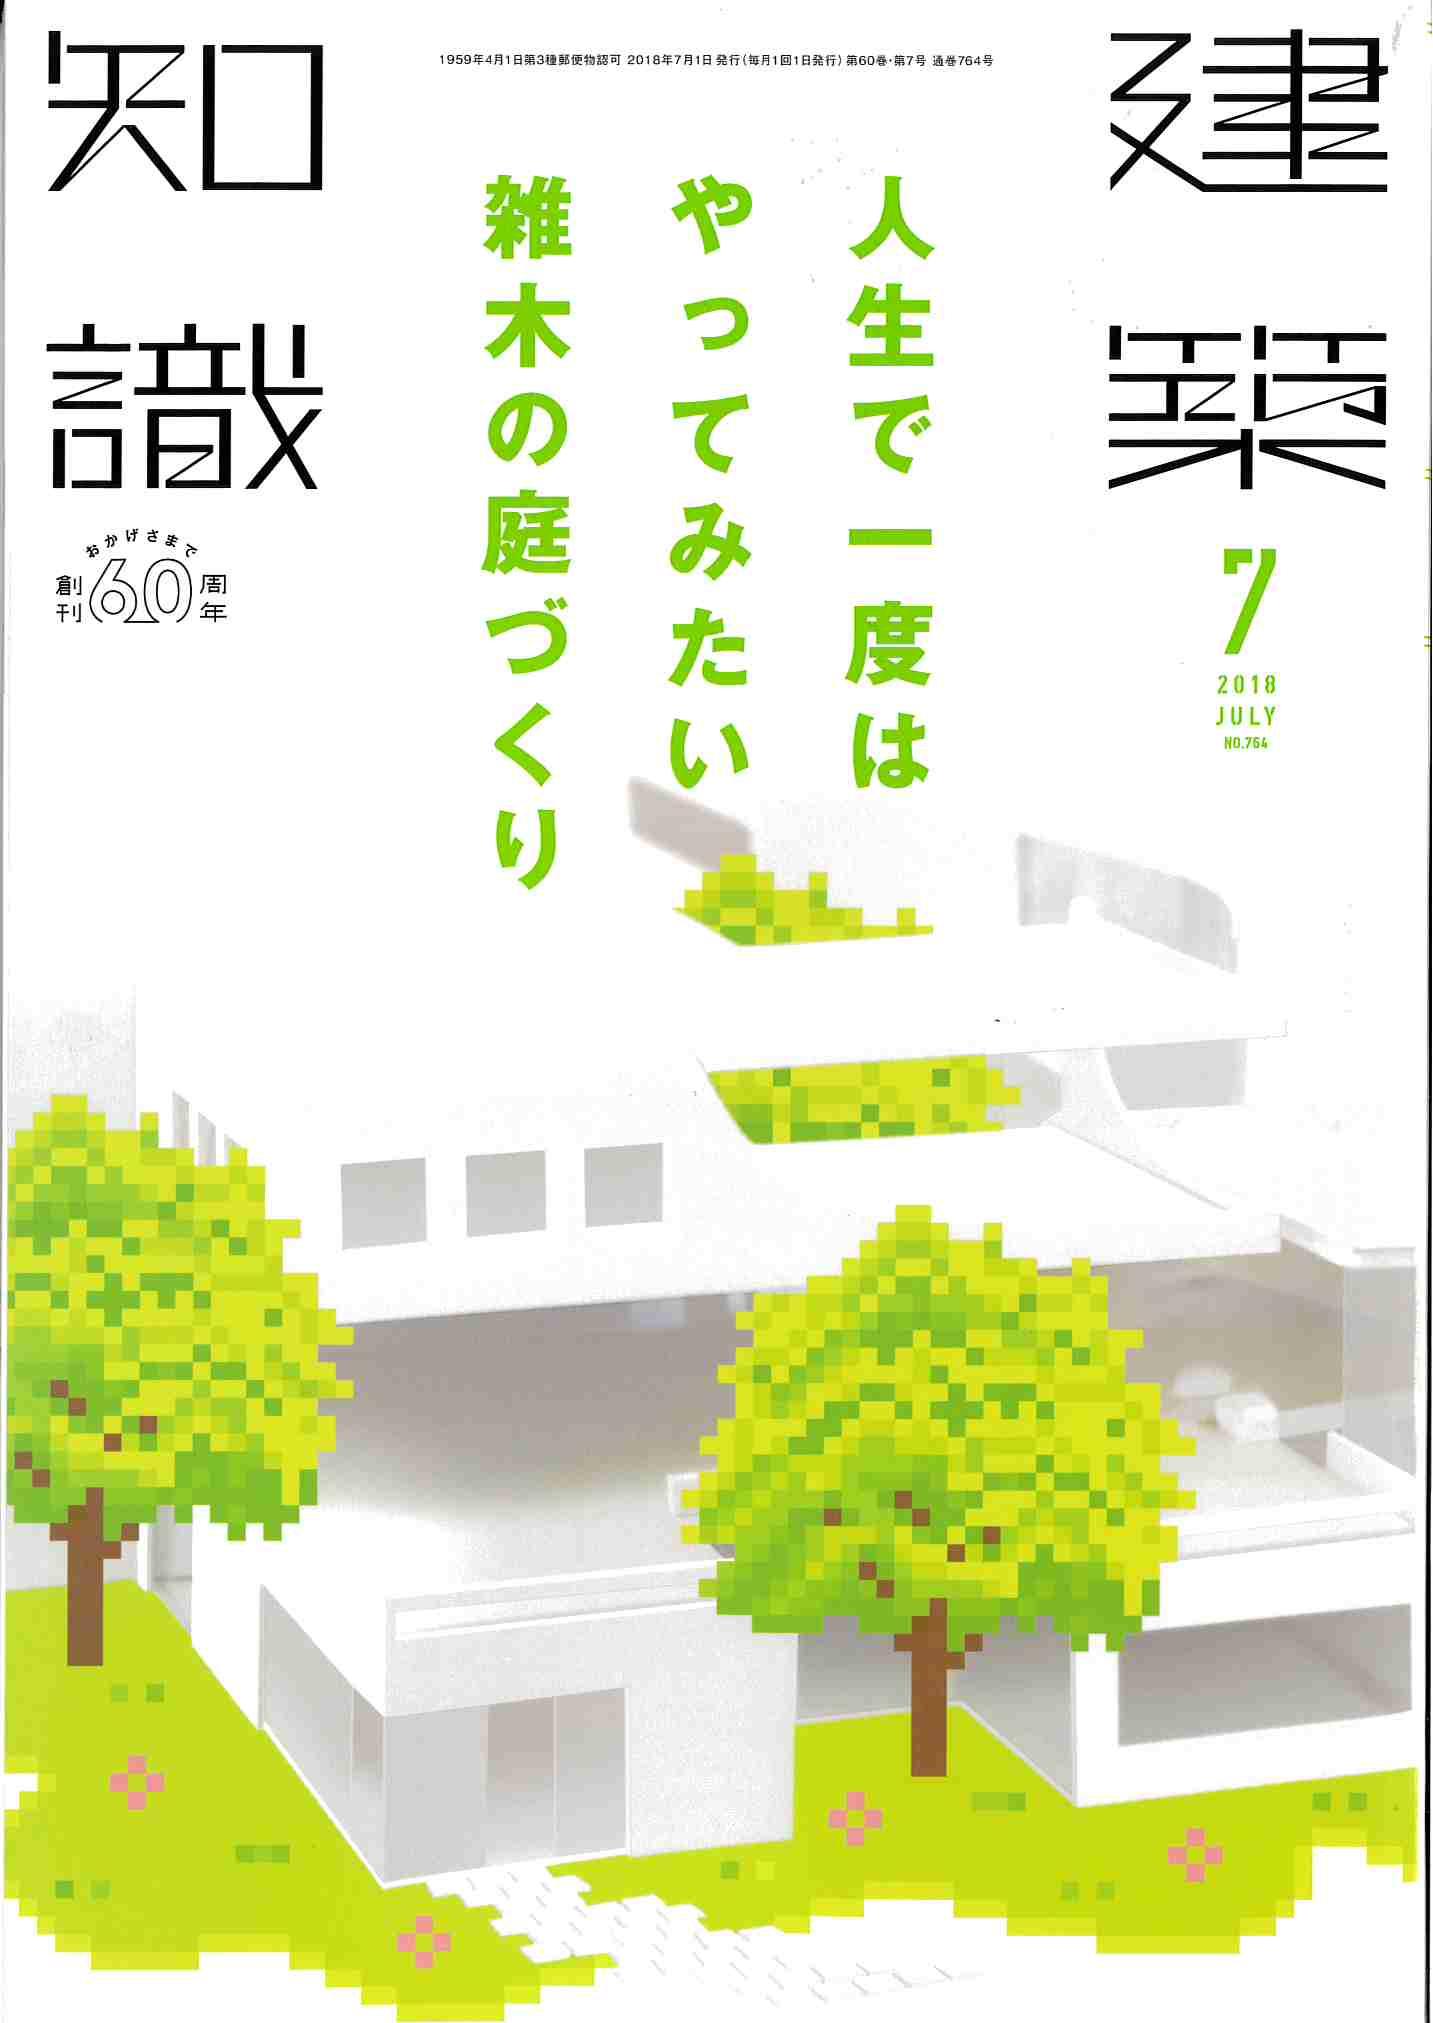 「建築知識 7月号」に掲載されました